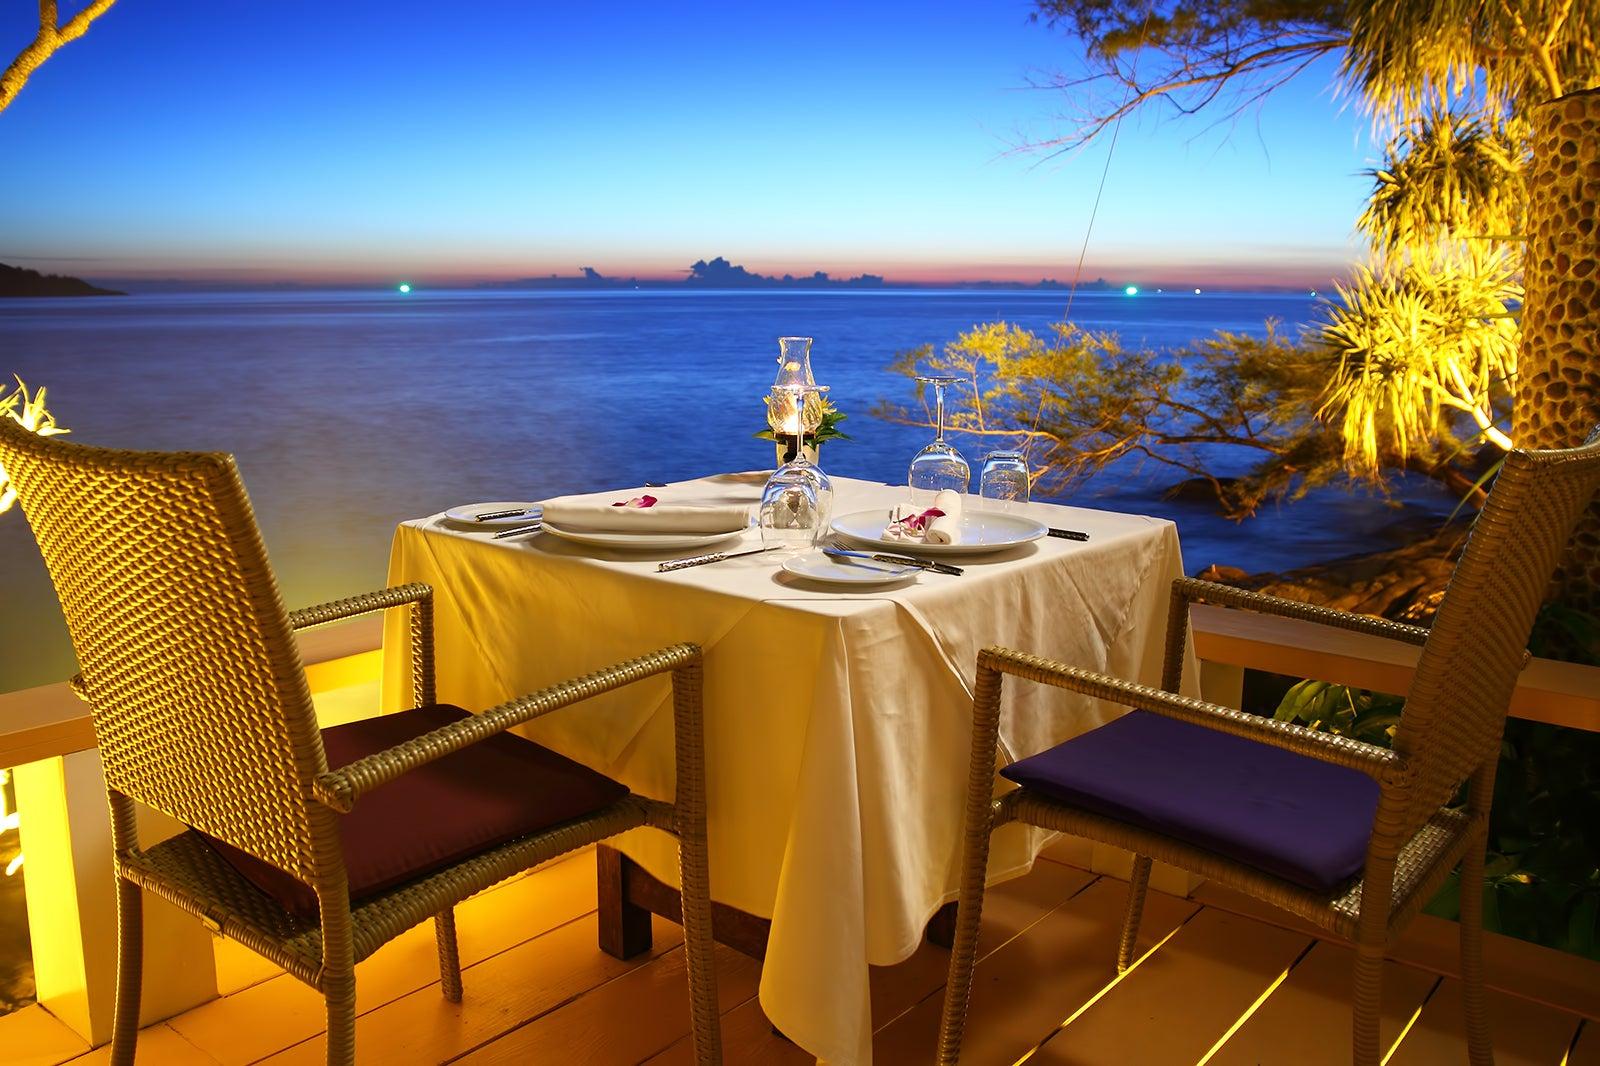 10 Most Romantic Restaurants In Phuket Best Phuket Dining For Couples